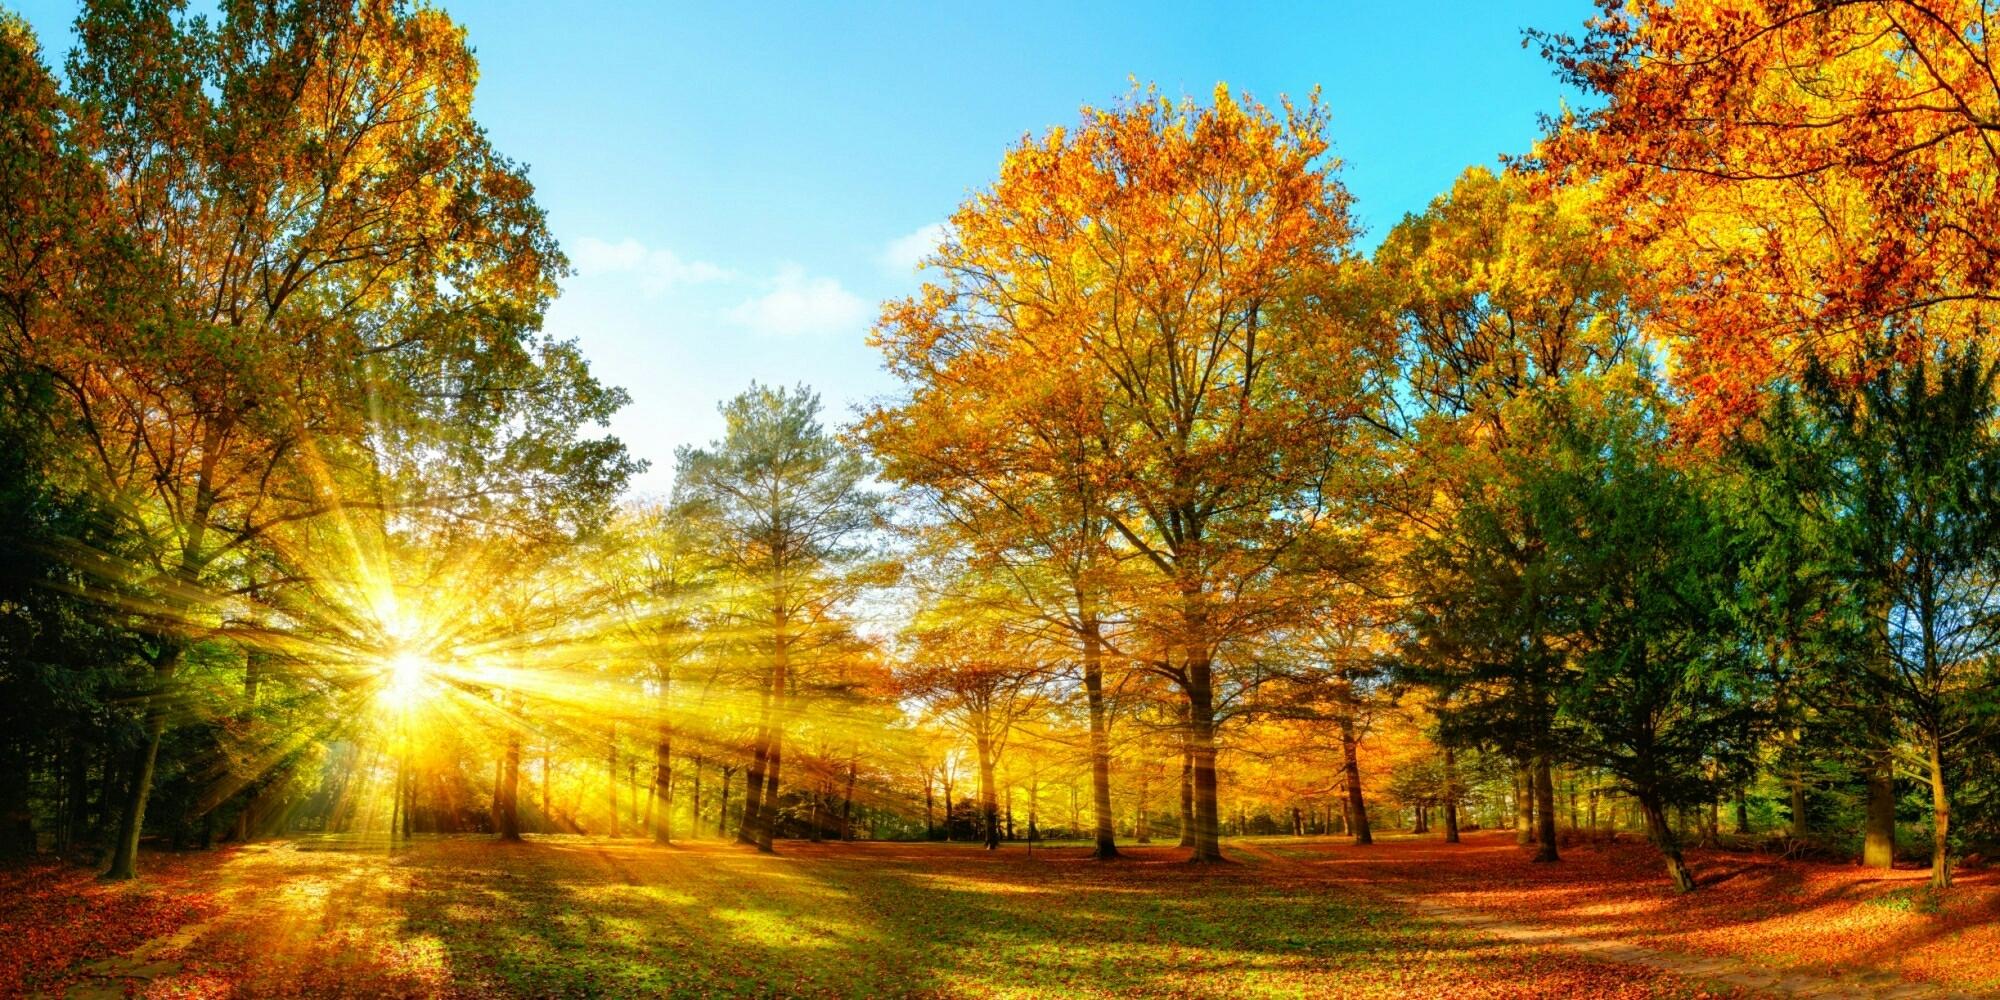 Осенний лес фото на рабочий стол013